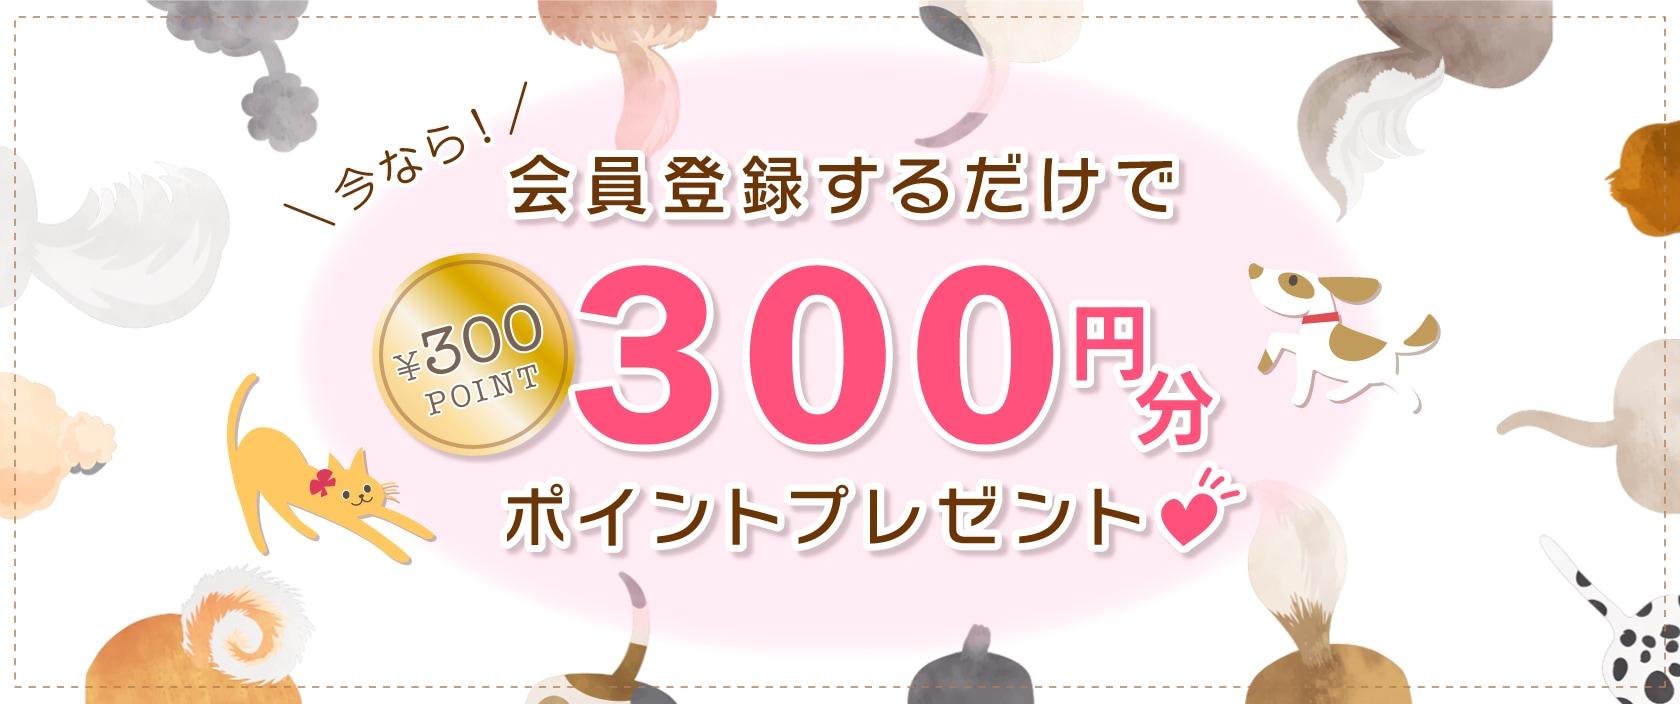 会員登録300ポイントプレゼント